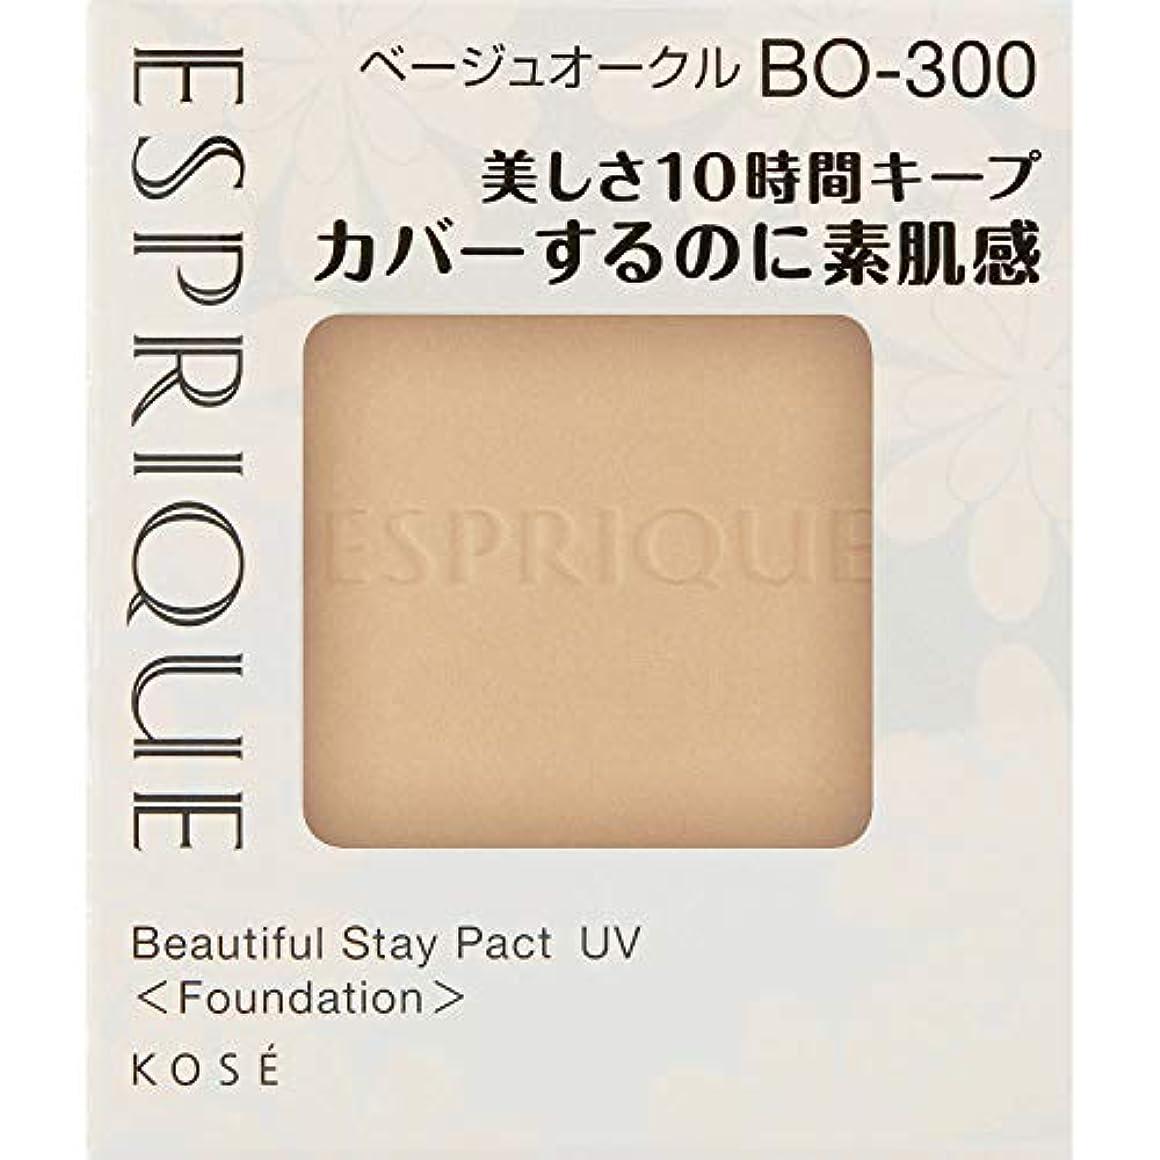 印象的な軽くオンスエスプリーク カバーするのに素肌感持続 パクト UV BO-300 ベージュオークル 9.3g